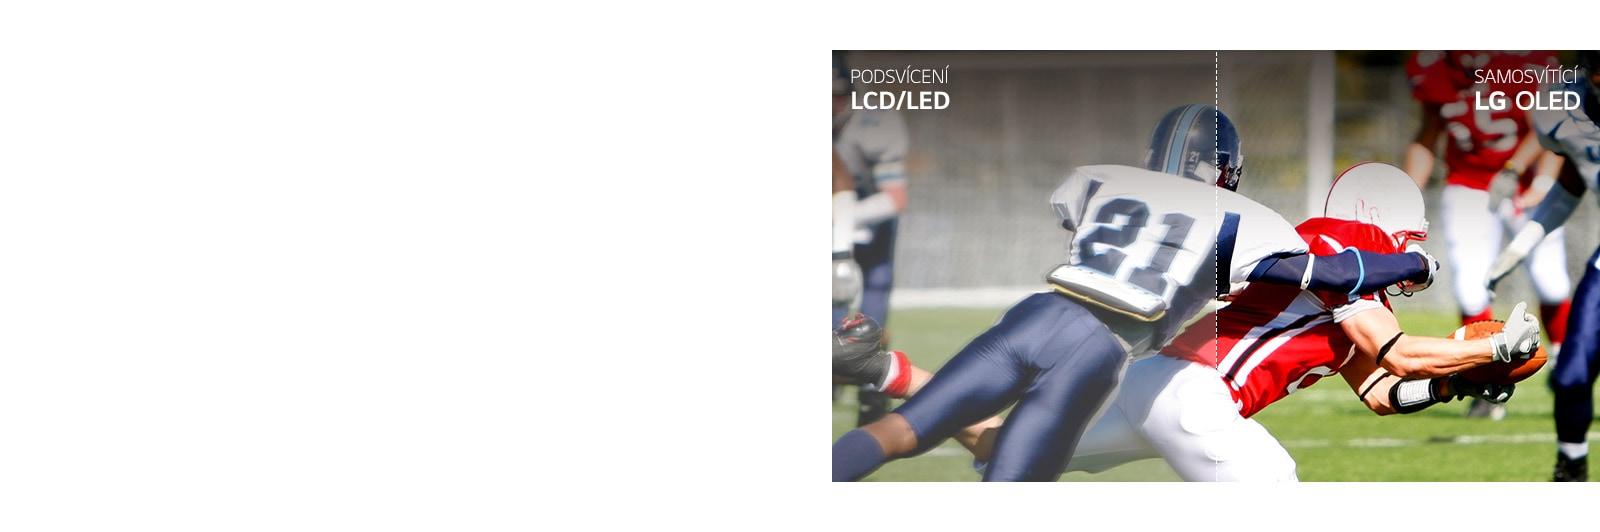 Fotbalový zápas, polovina zobrazení je na LCD/LED televizoru srozmazaným obrazem, druhá polovina je na televizoru LG OLED sostrým obrazem